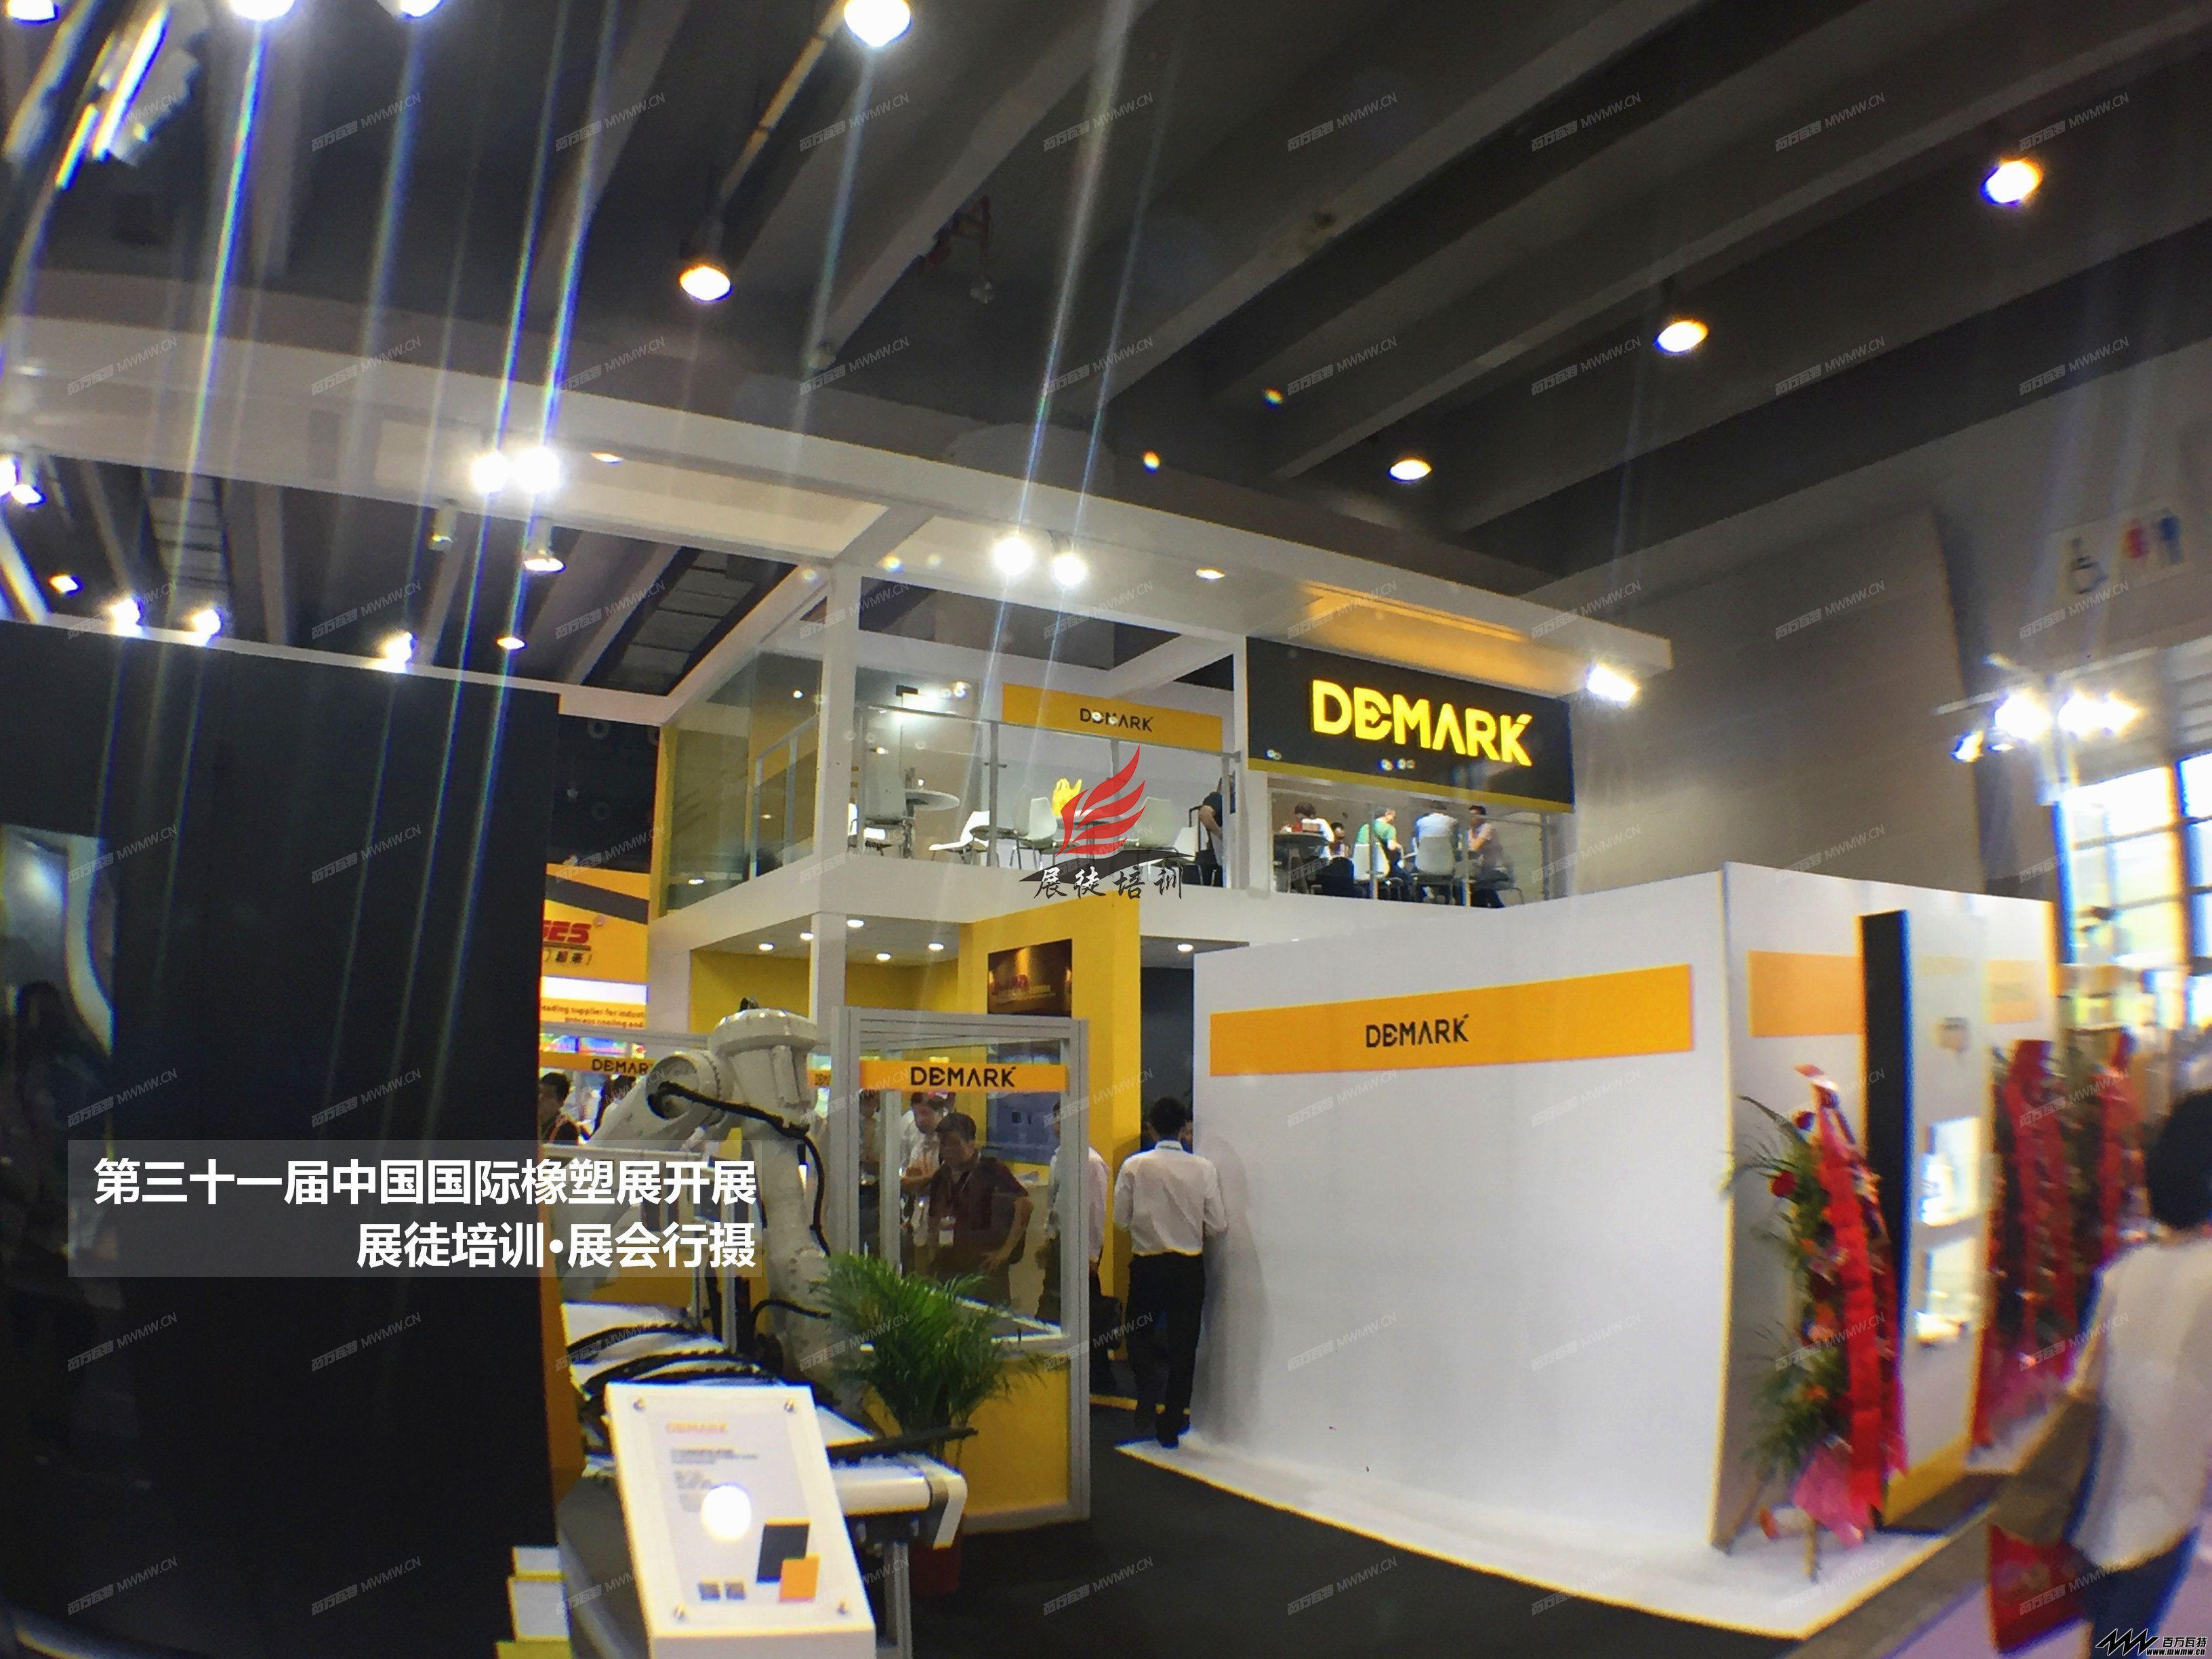 2017第三十一届中国国际橡塑展·展徒培训·展会行摄 (33) - 副本.JPG